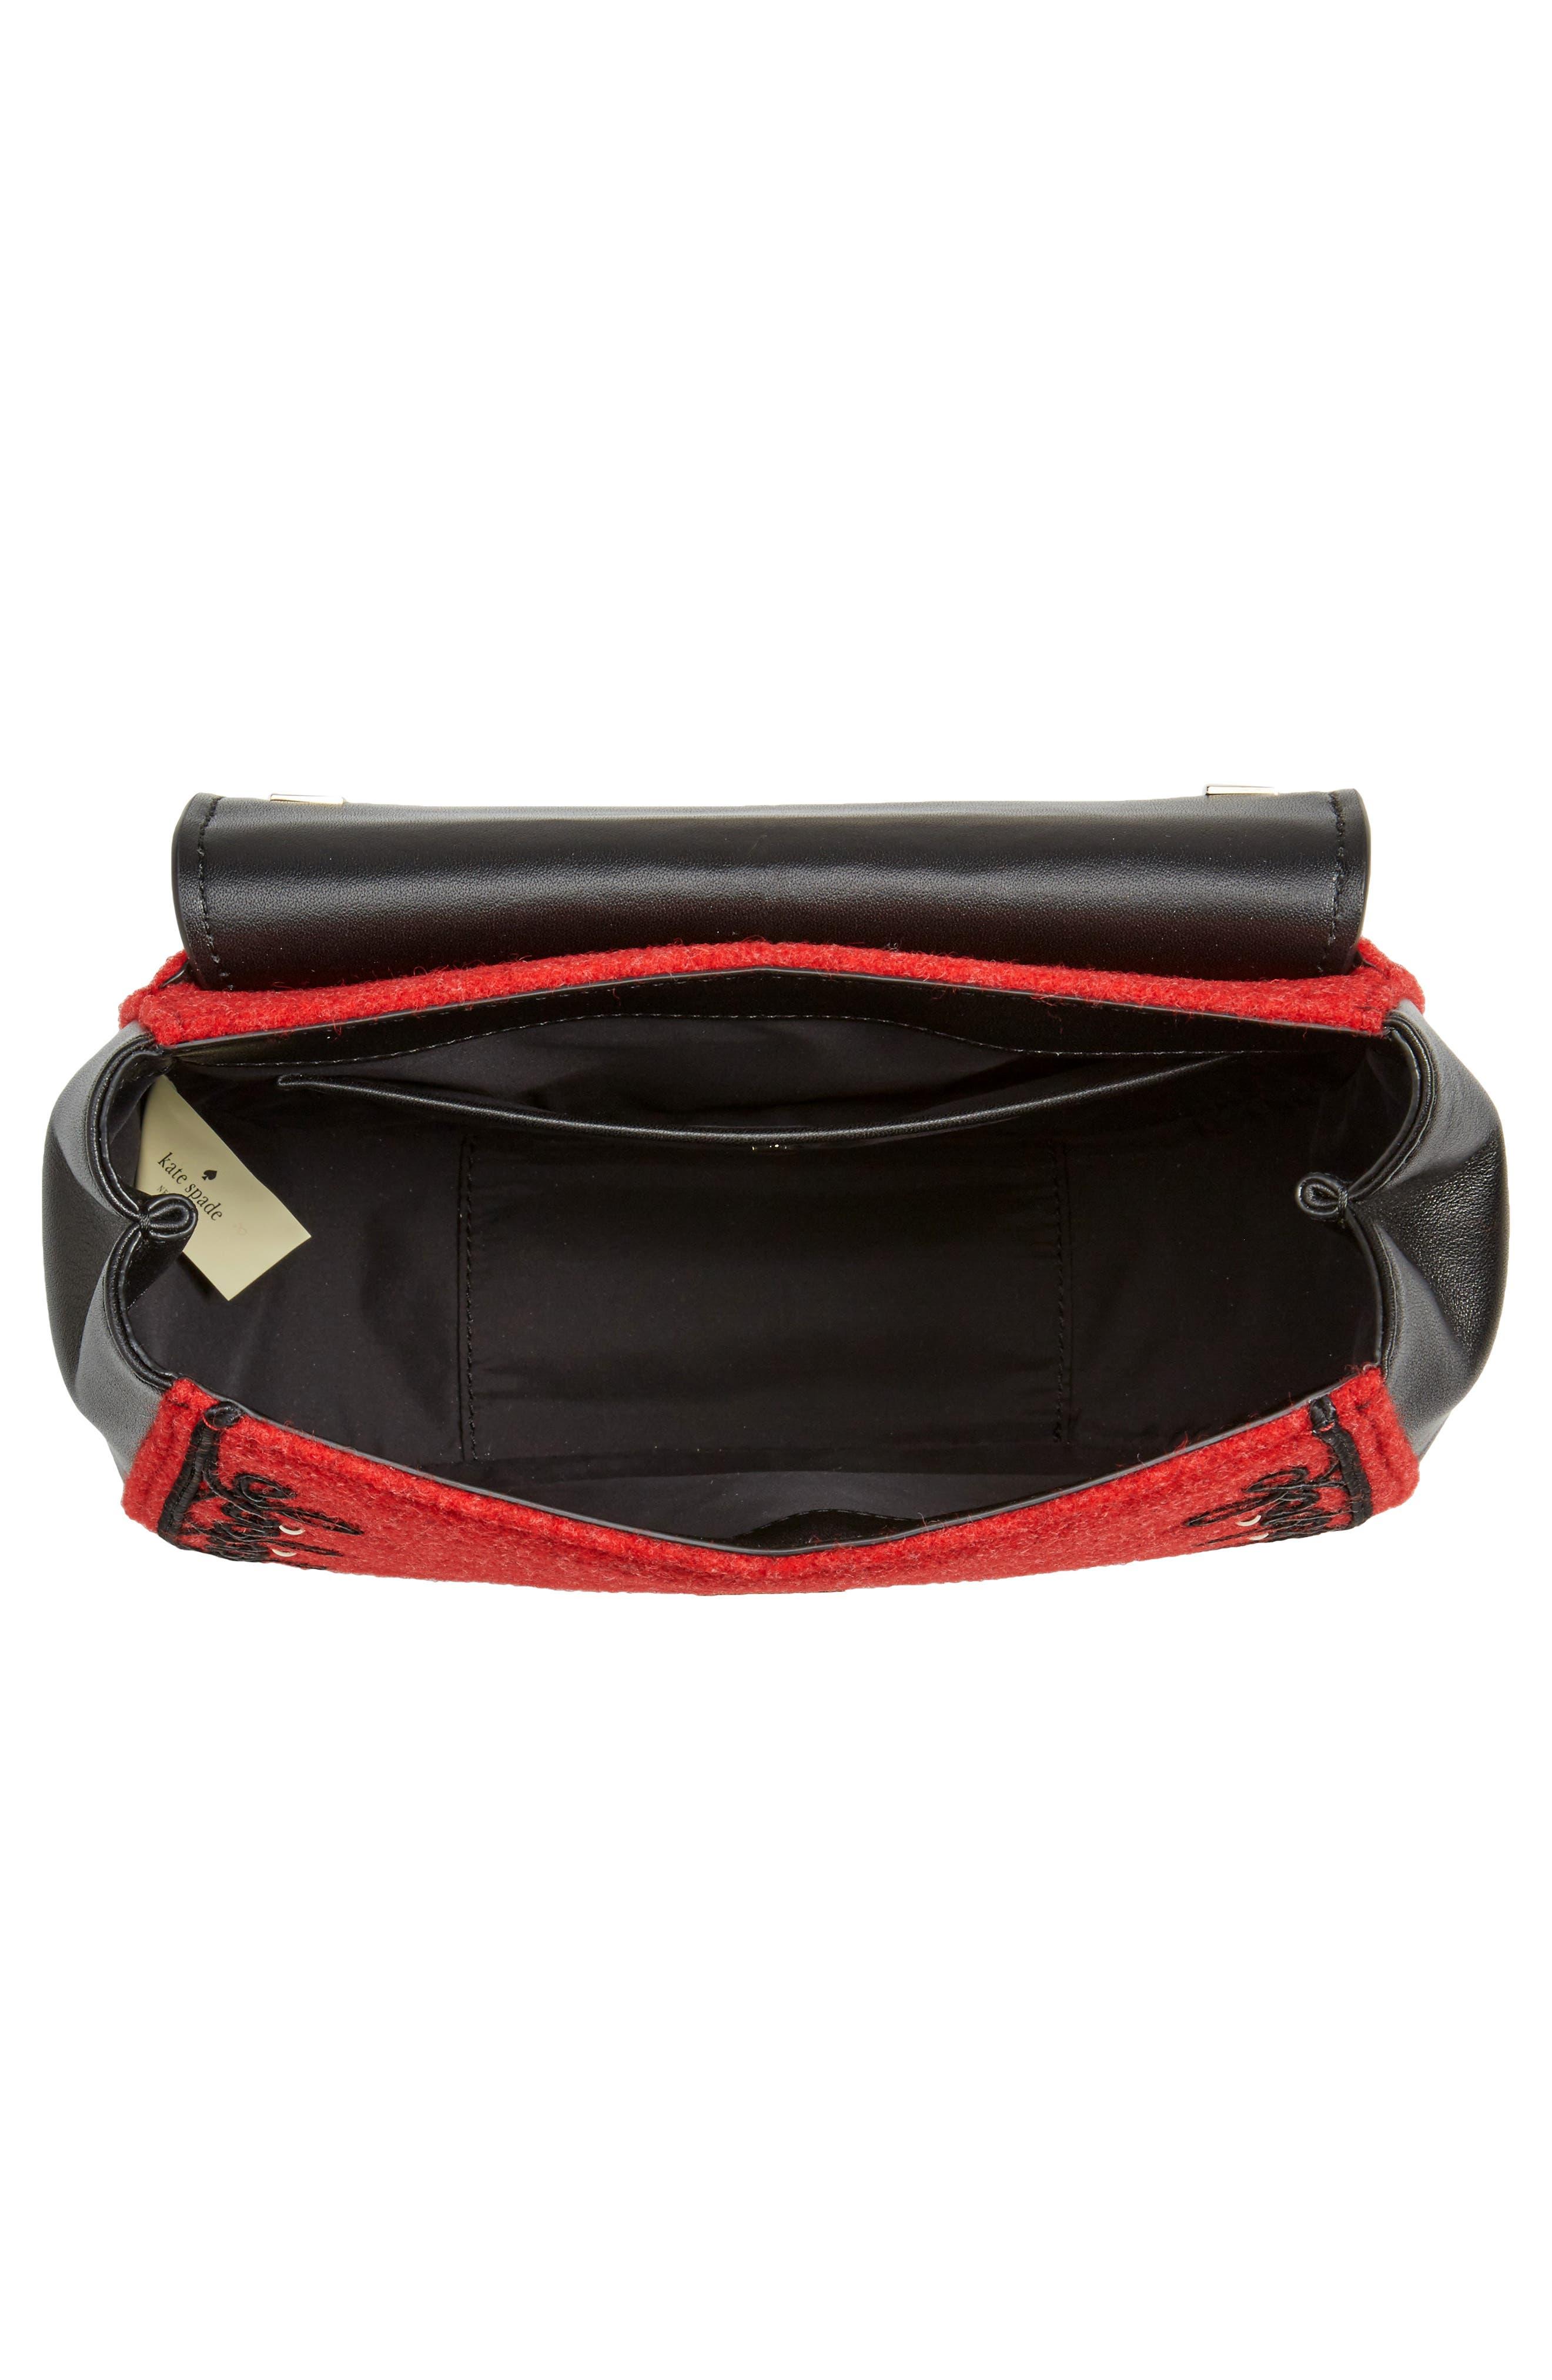 byrne street - byrdie embellished leather & wool saddle bag,                             Alternate thumbnail 4, color,                             631